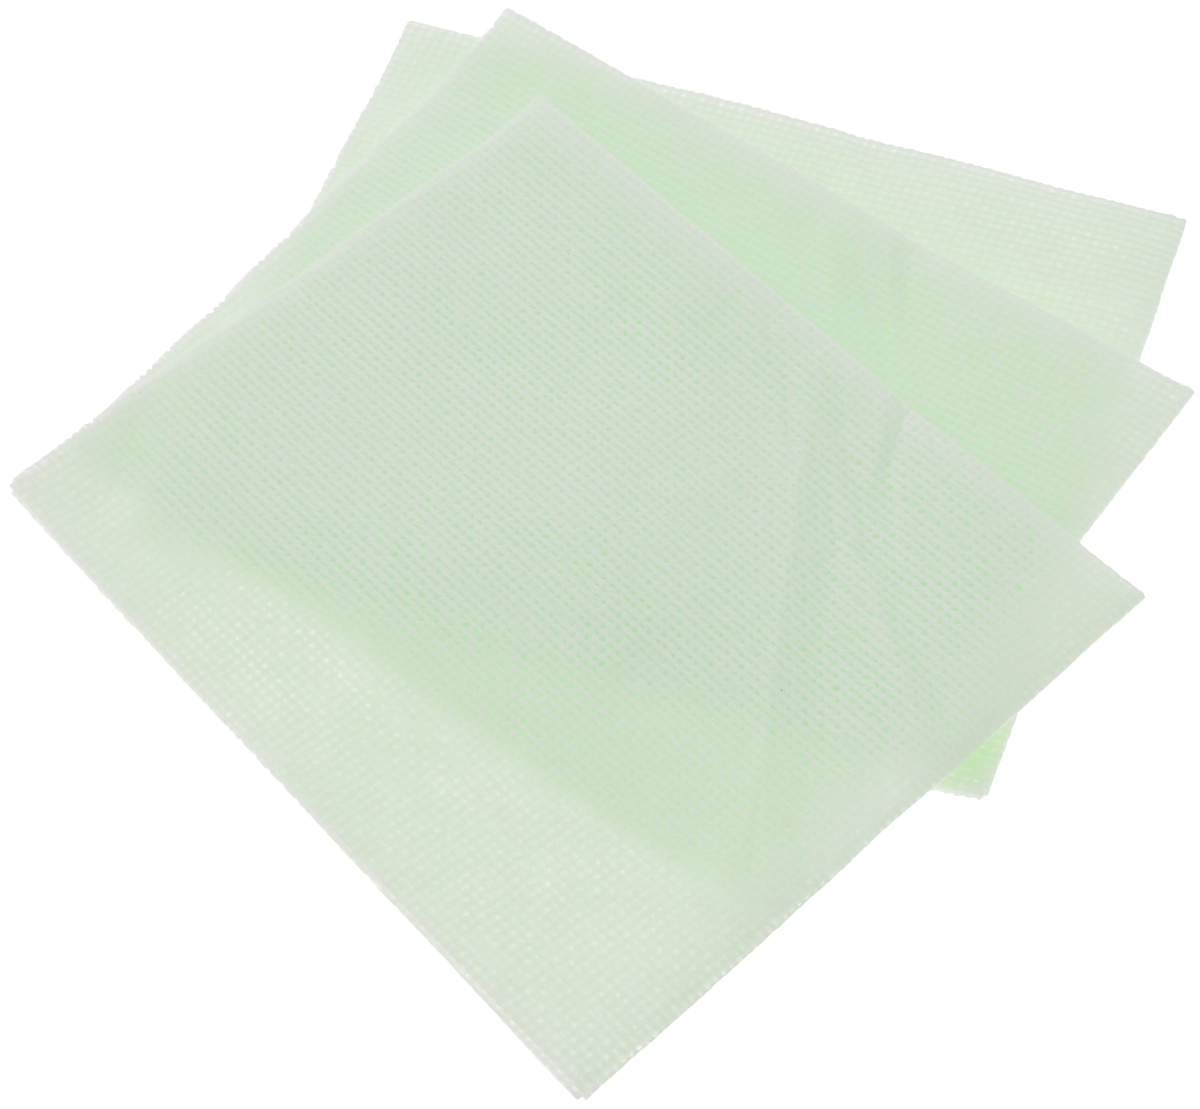 Салфетка бамбуковая La Chista, цвет: мятный, 30 х 34 см, 3 шт870341_мятныйБамбуковая салфетка для уборки La Chista предназначена для удаления жира и загрязнений с любых поверхностей без использования моющих средств.Особенности салфетки:- жироотталкивающие свойства;- антибактериальный эффект.Состав: 70% бамбуковое волокно, 20% полиэстер, 10% вискоза.Размер салфетки: 30 х 34 см.